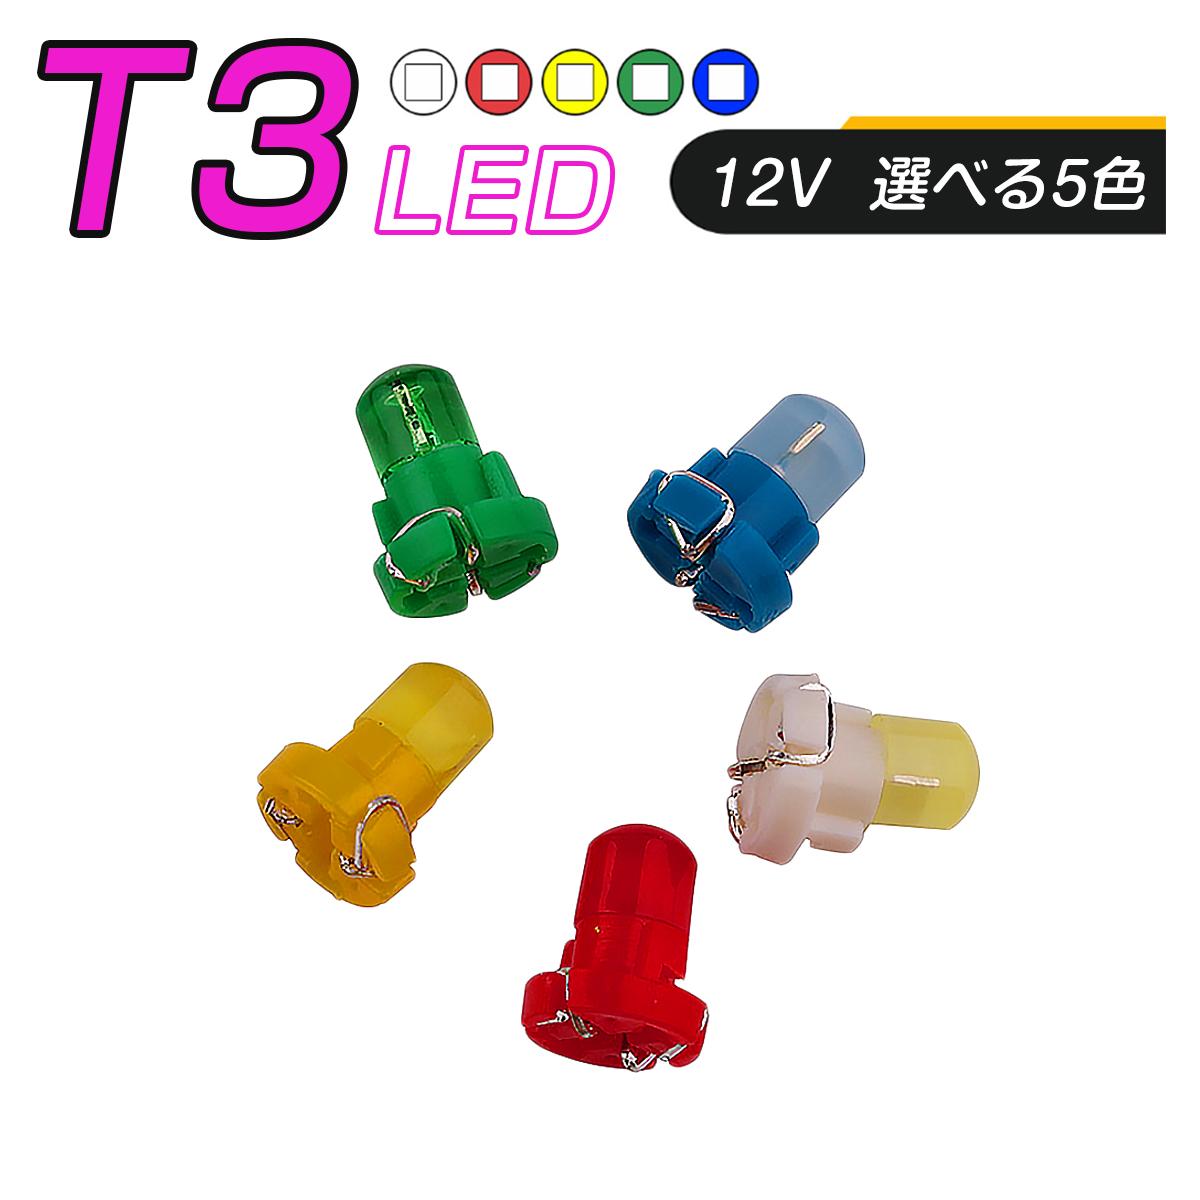 LED T3 SMD 選べるカラー5色 メーター球 タコランプ インジケーター エアコンパネル 超拡散 全面発光 2個セット SDM便送料無料 1ヶ月保証